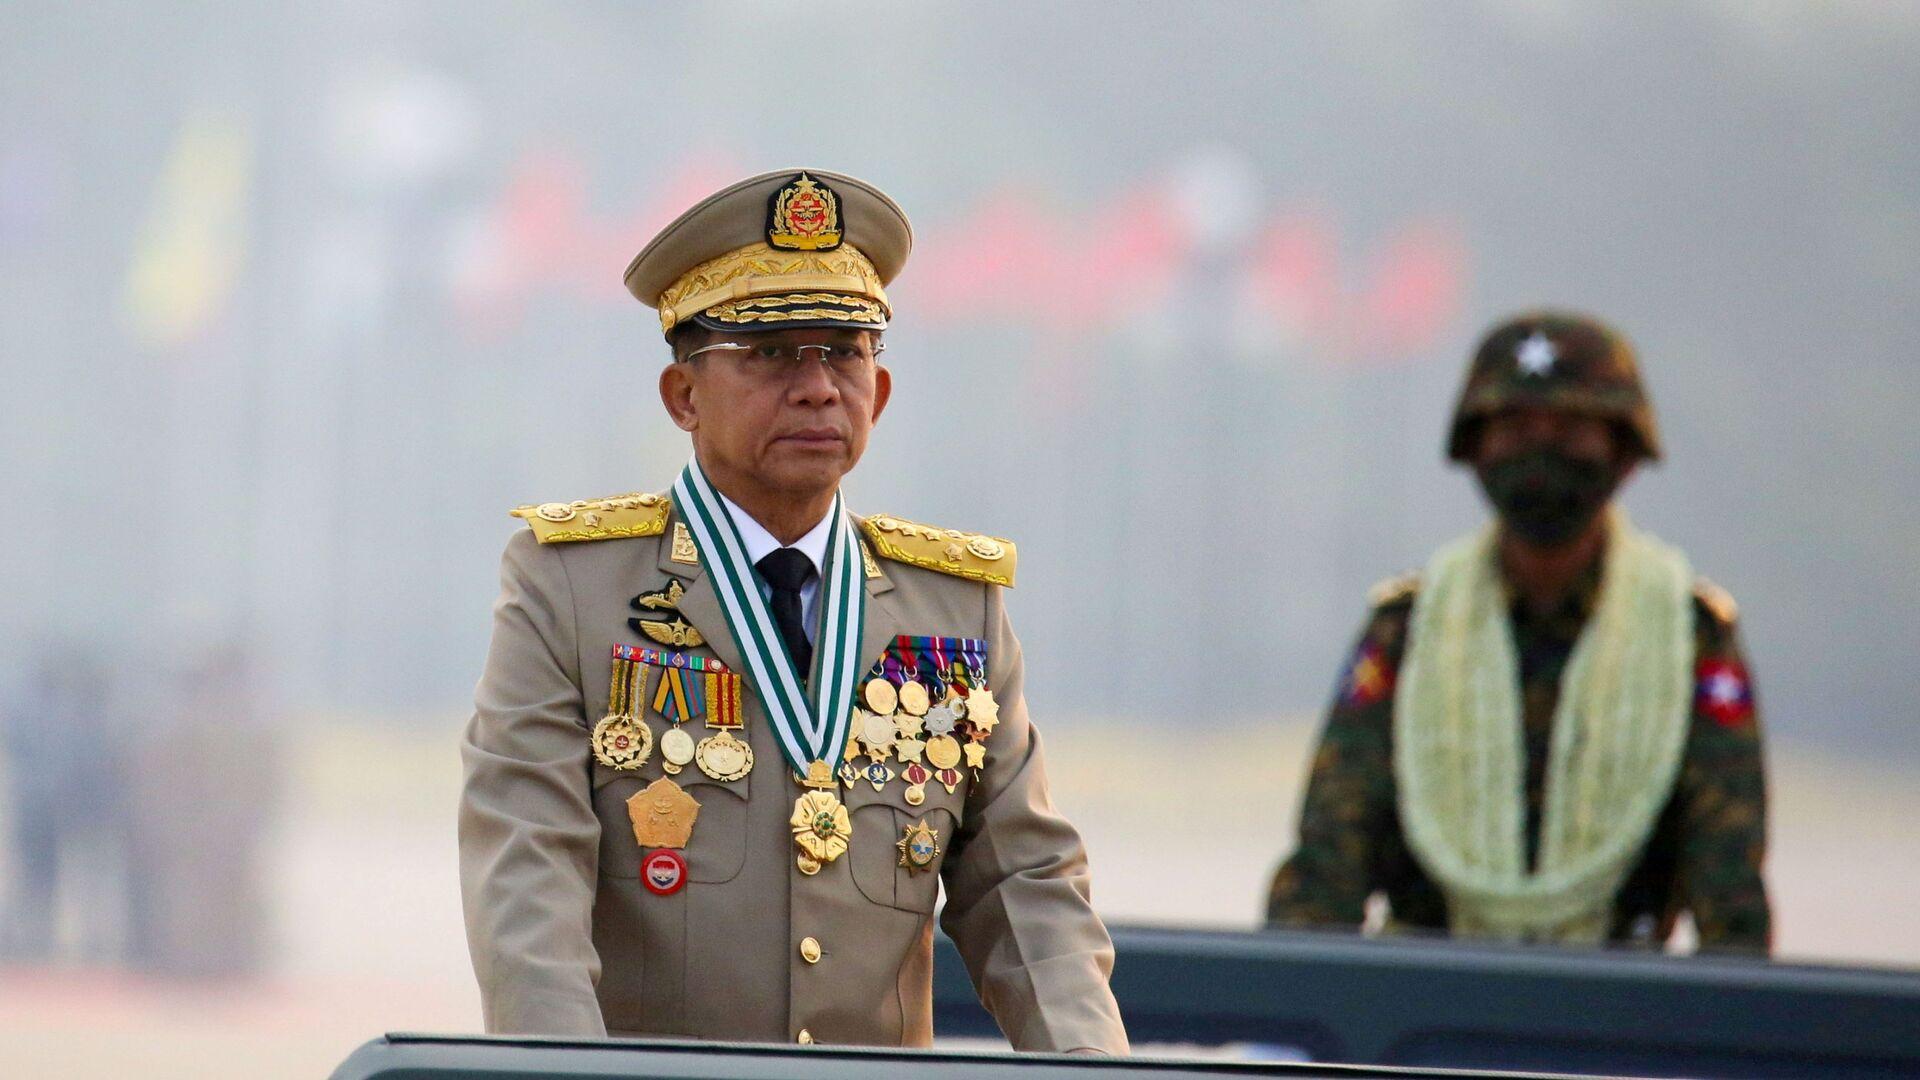 Thống tướng Min Aung Hlaing, người đứng đầu chính quyền quân sự Myanmar - Sputnik Việt Nam, 1920, 03.08.2021